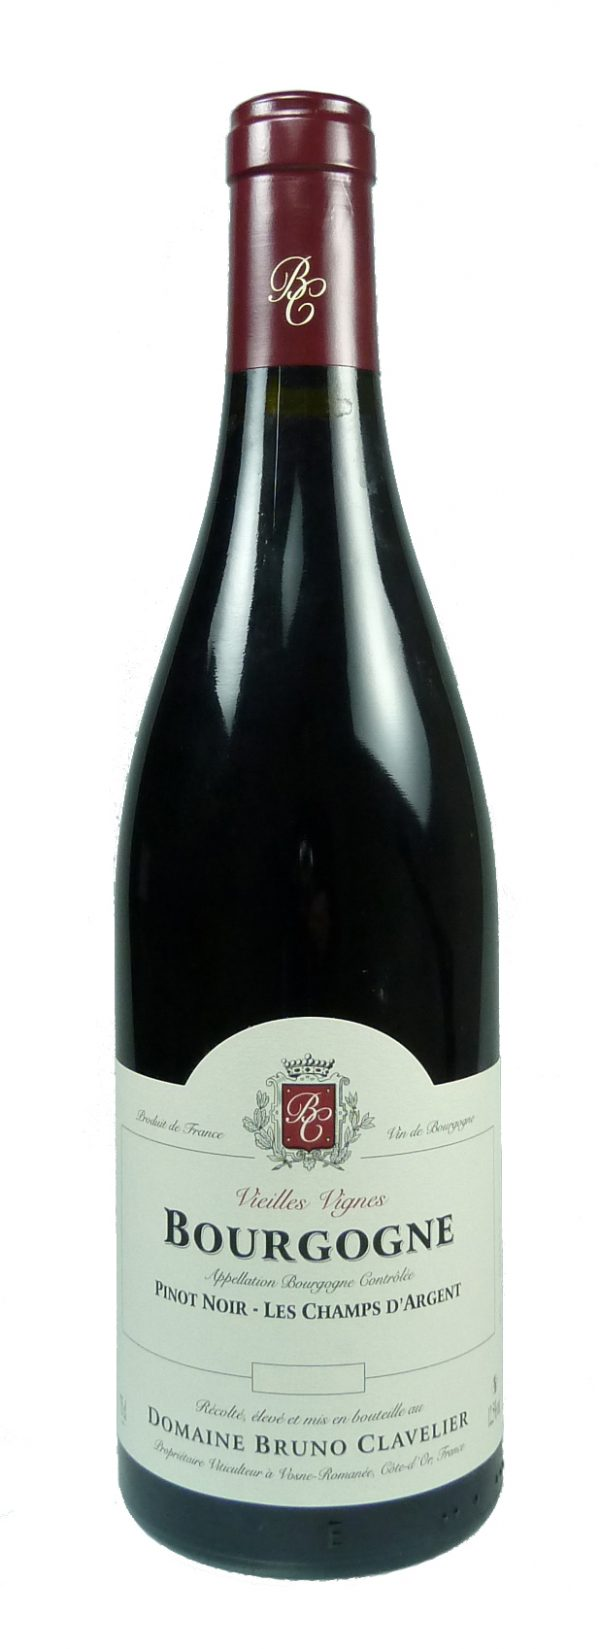 Les Champs d'Argent Bourgogne Pinot Noir 2016